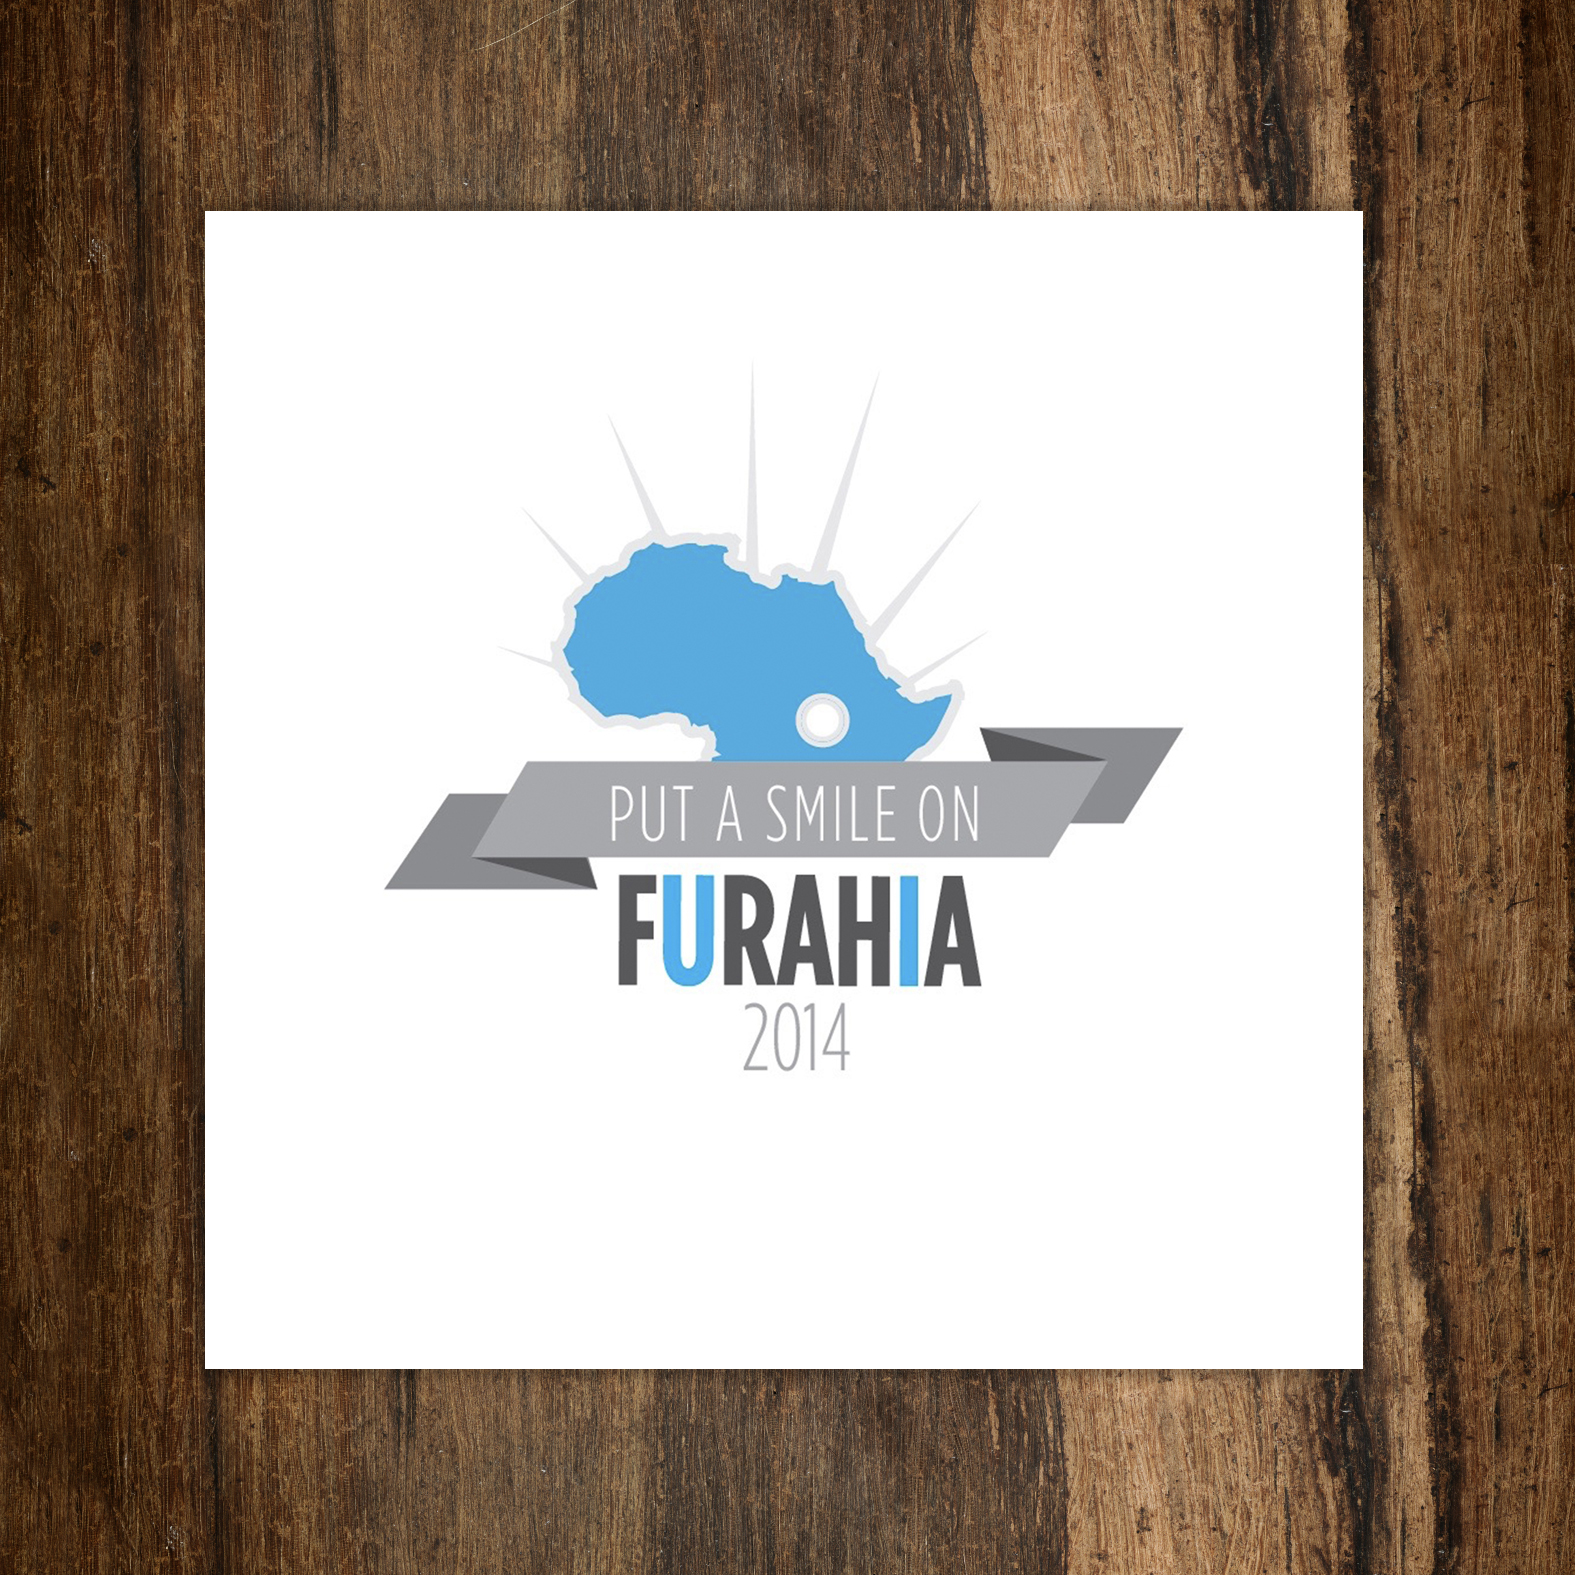 Furahia_on_wood.jpg